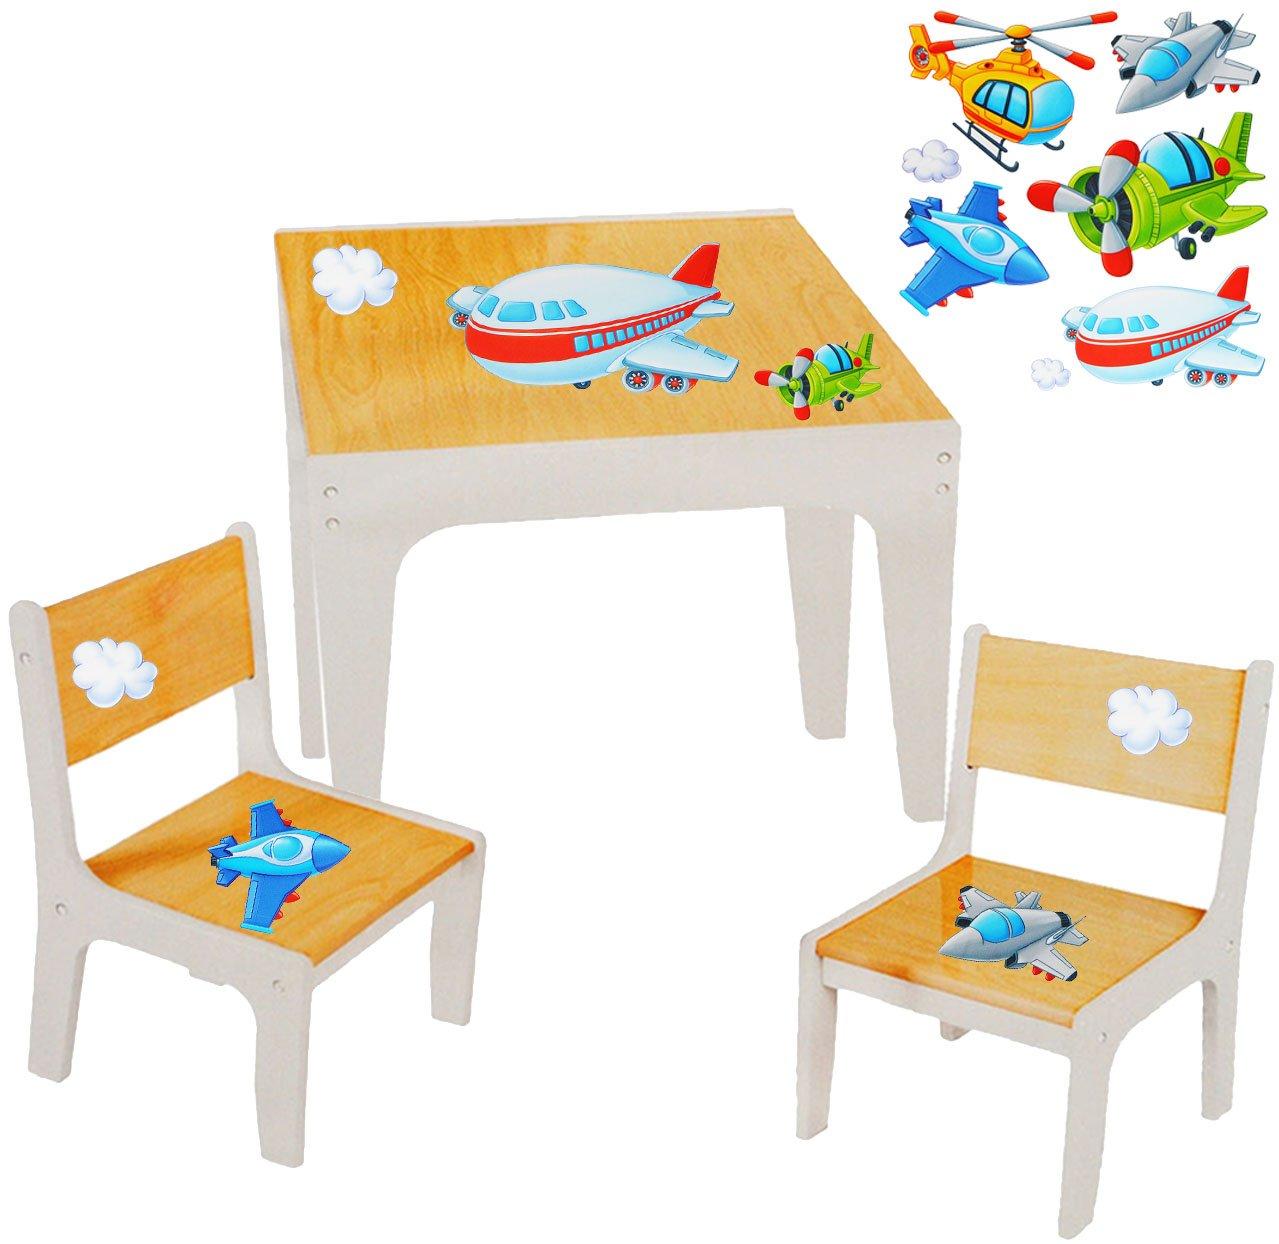 Unbekannt 3 TLG. Set: Sitzgruppe / Sitzgarnitur für Kinder - sehr stabiles Holz -  Flugzeuge & Helikopter  - Tisch + 2 Stühle / Kindermöbel für Jungen & Mädchen - Kin..